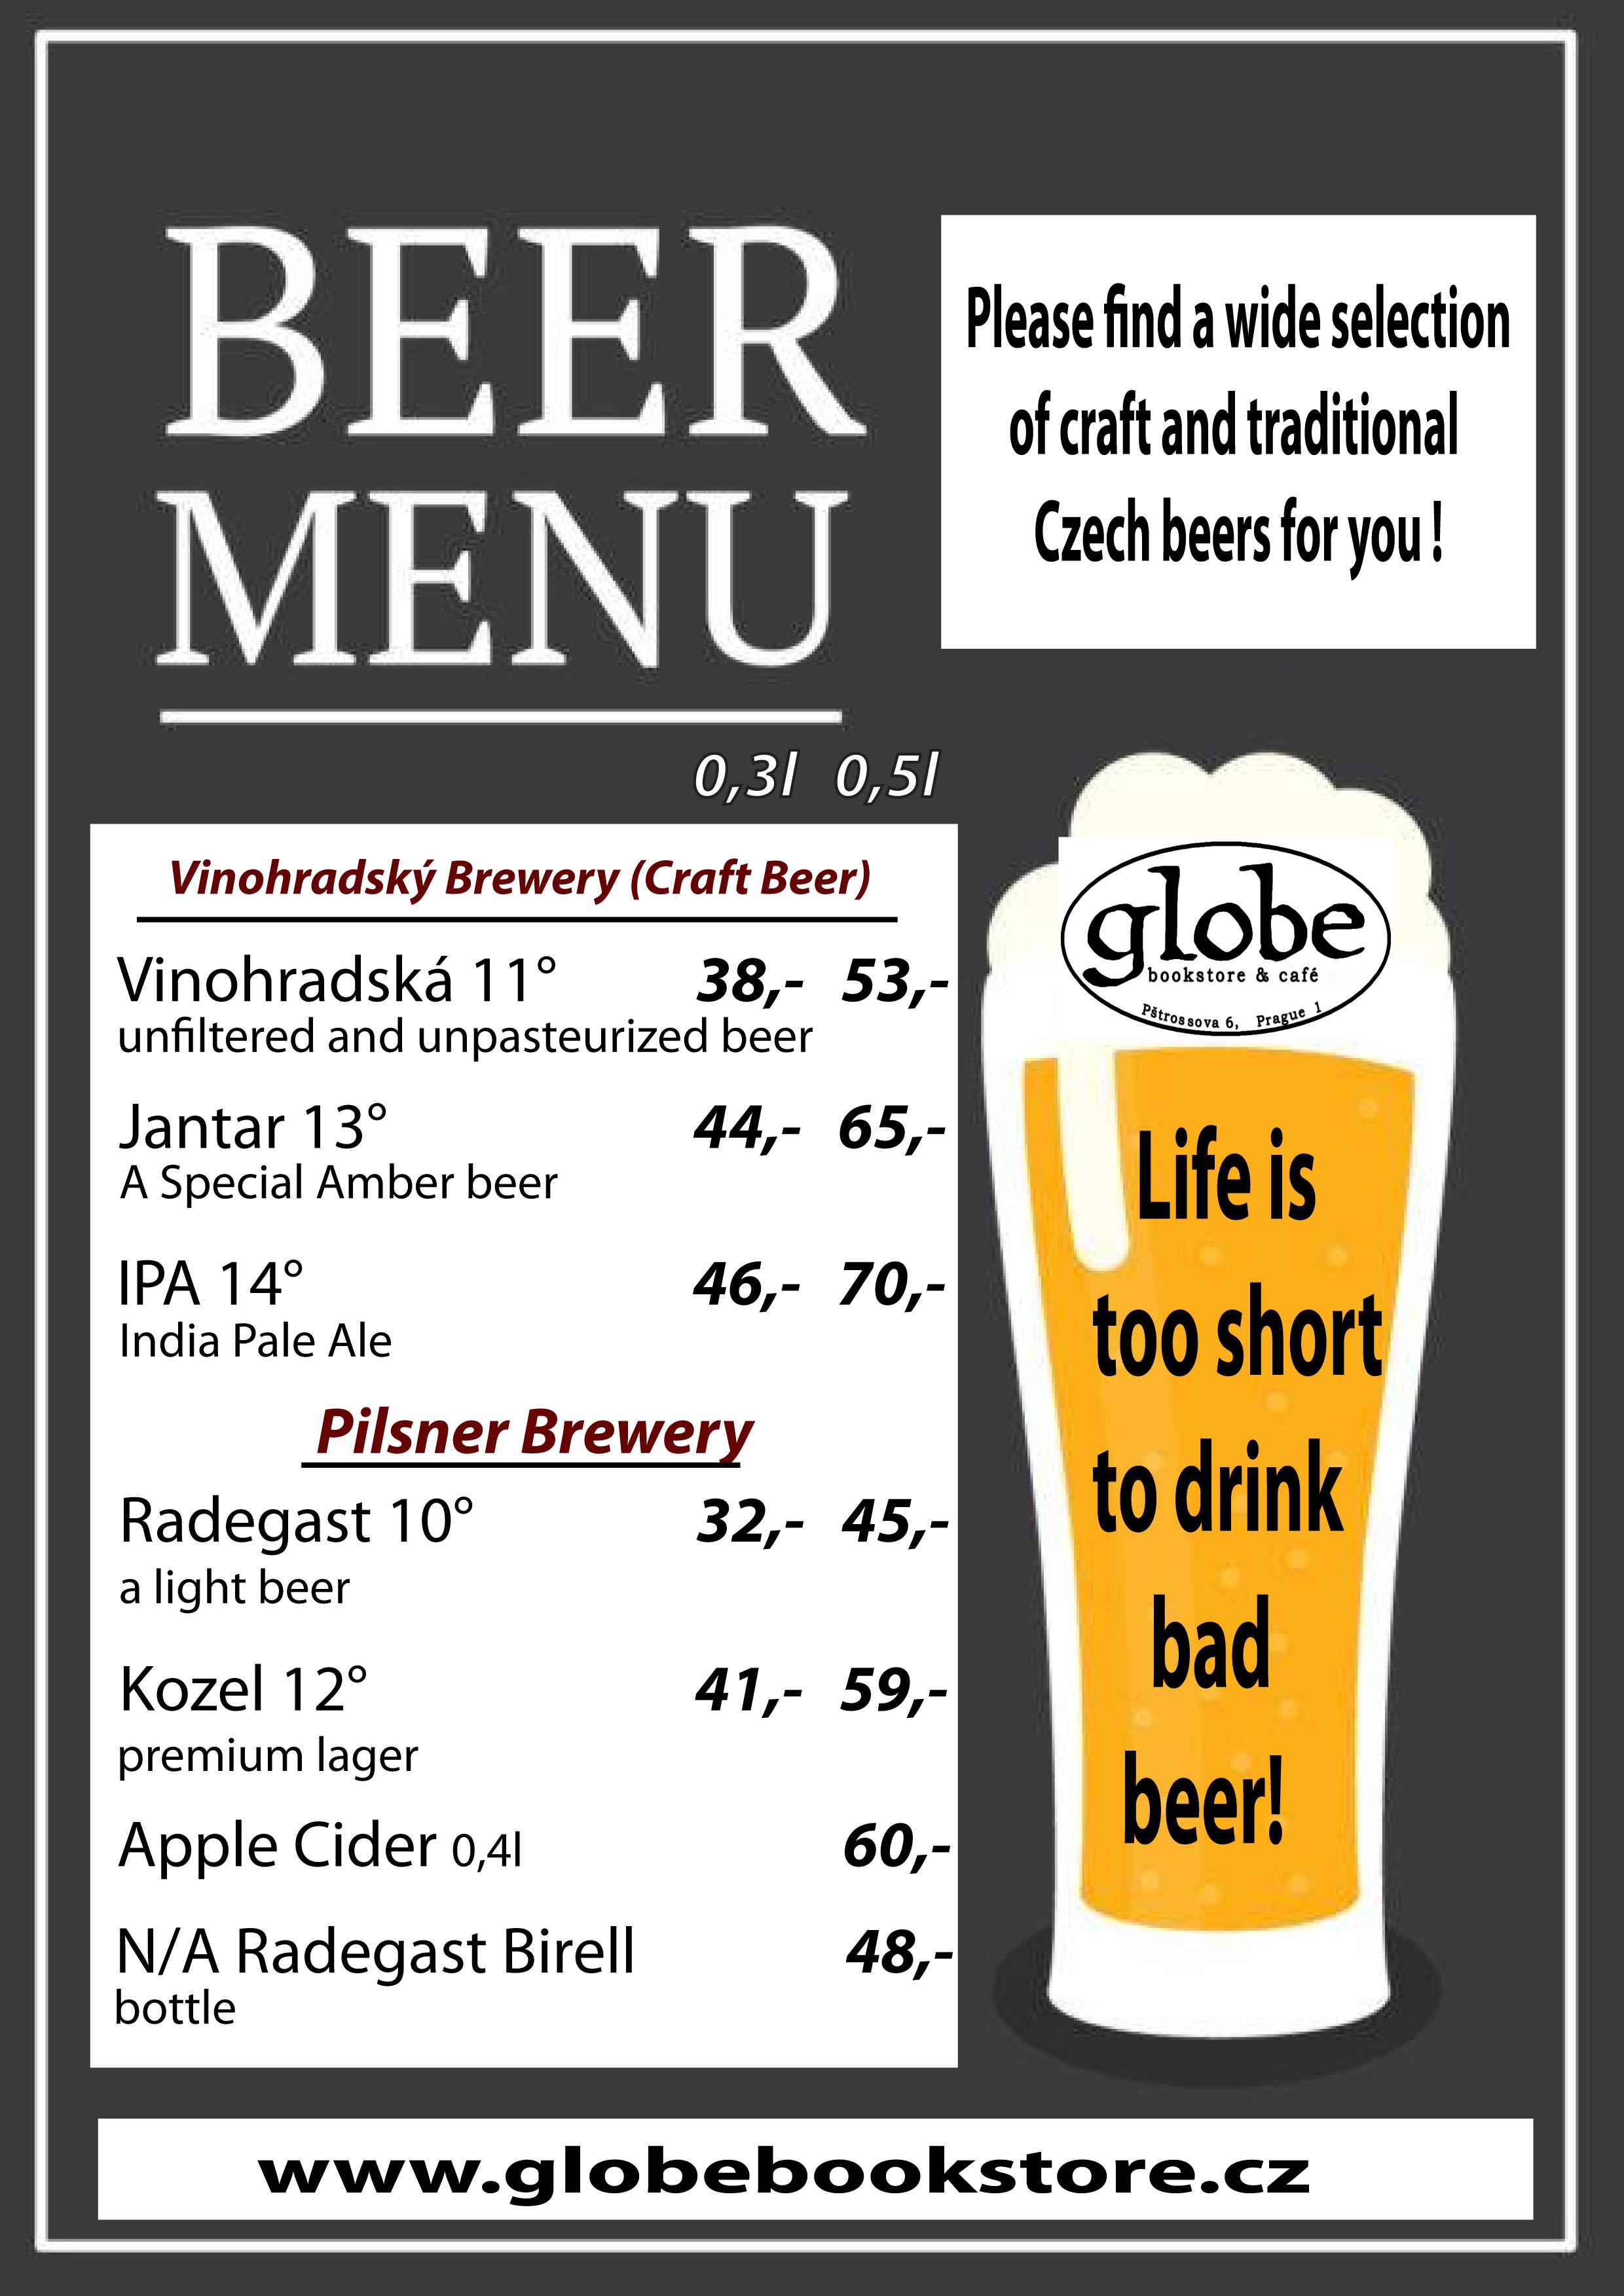 beer menu 2019